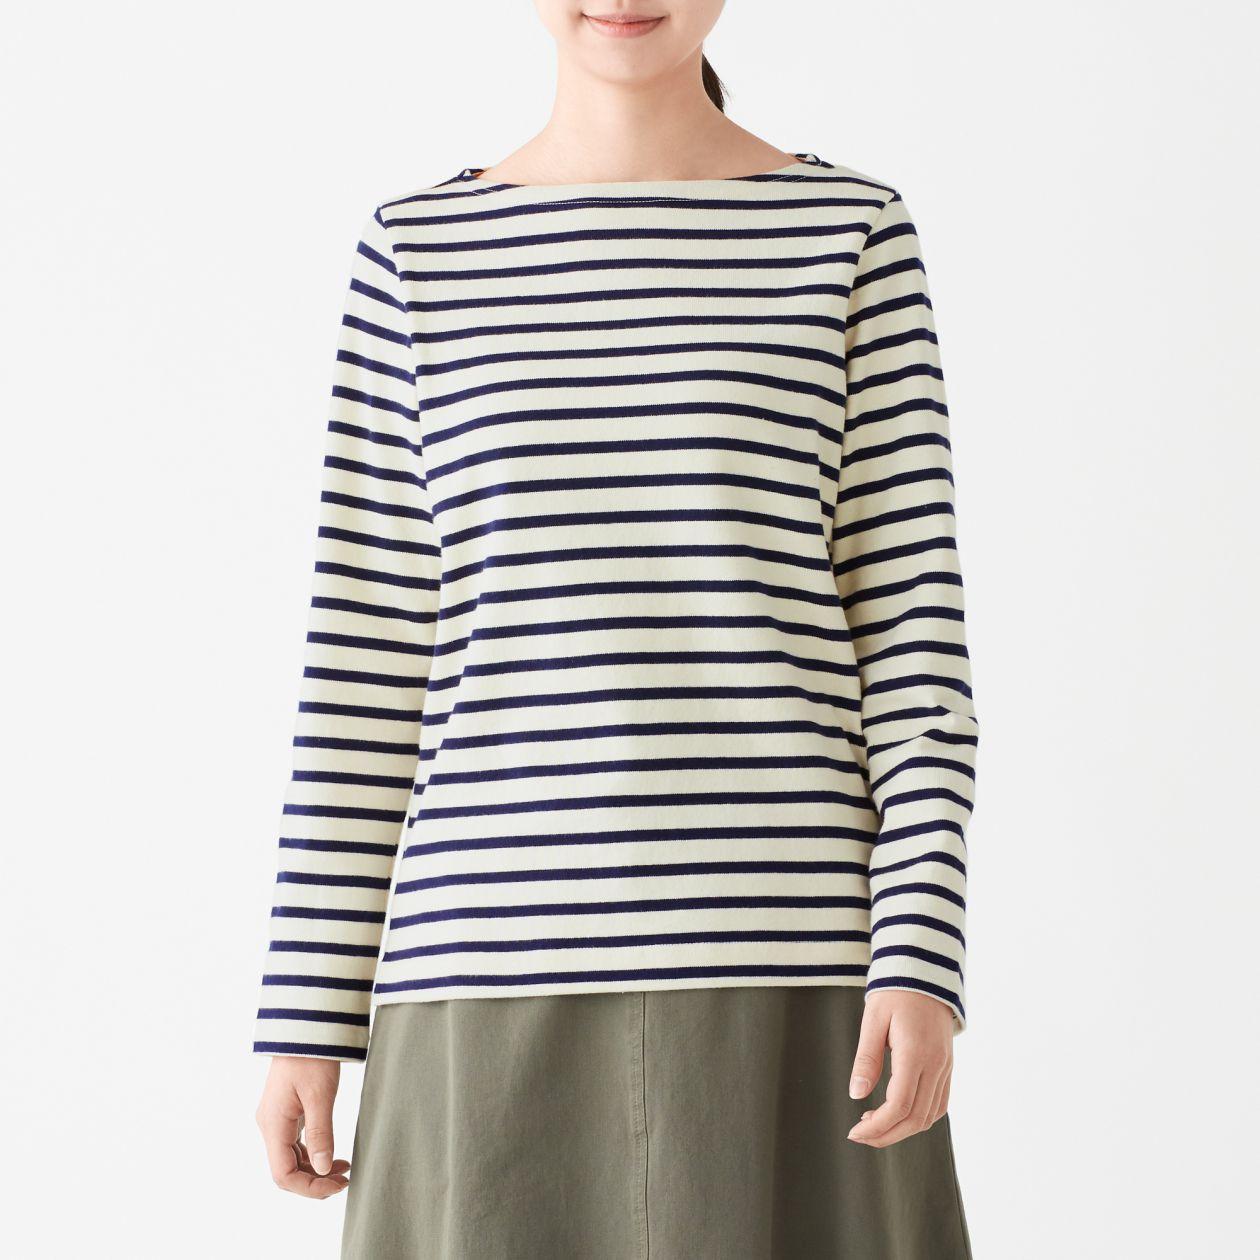 太番手天竺編み長袖Tシャツ(ボーダー)